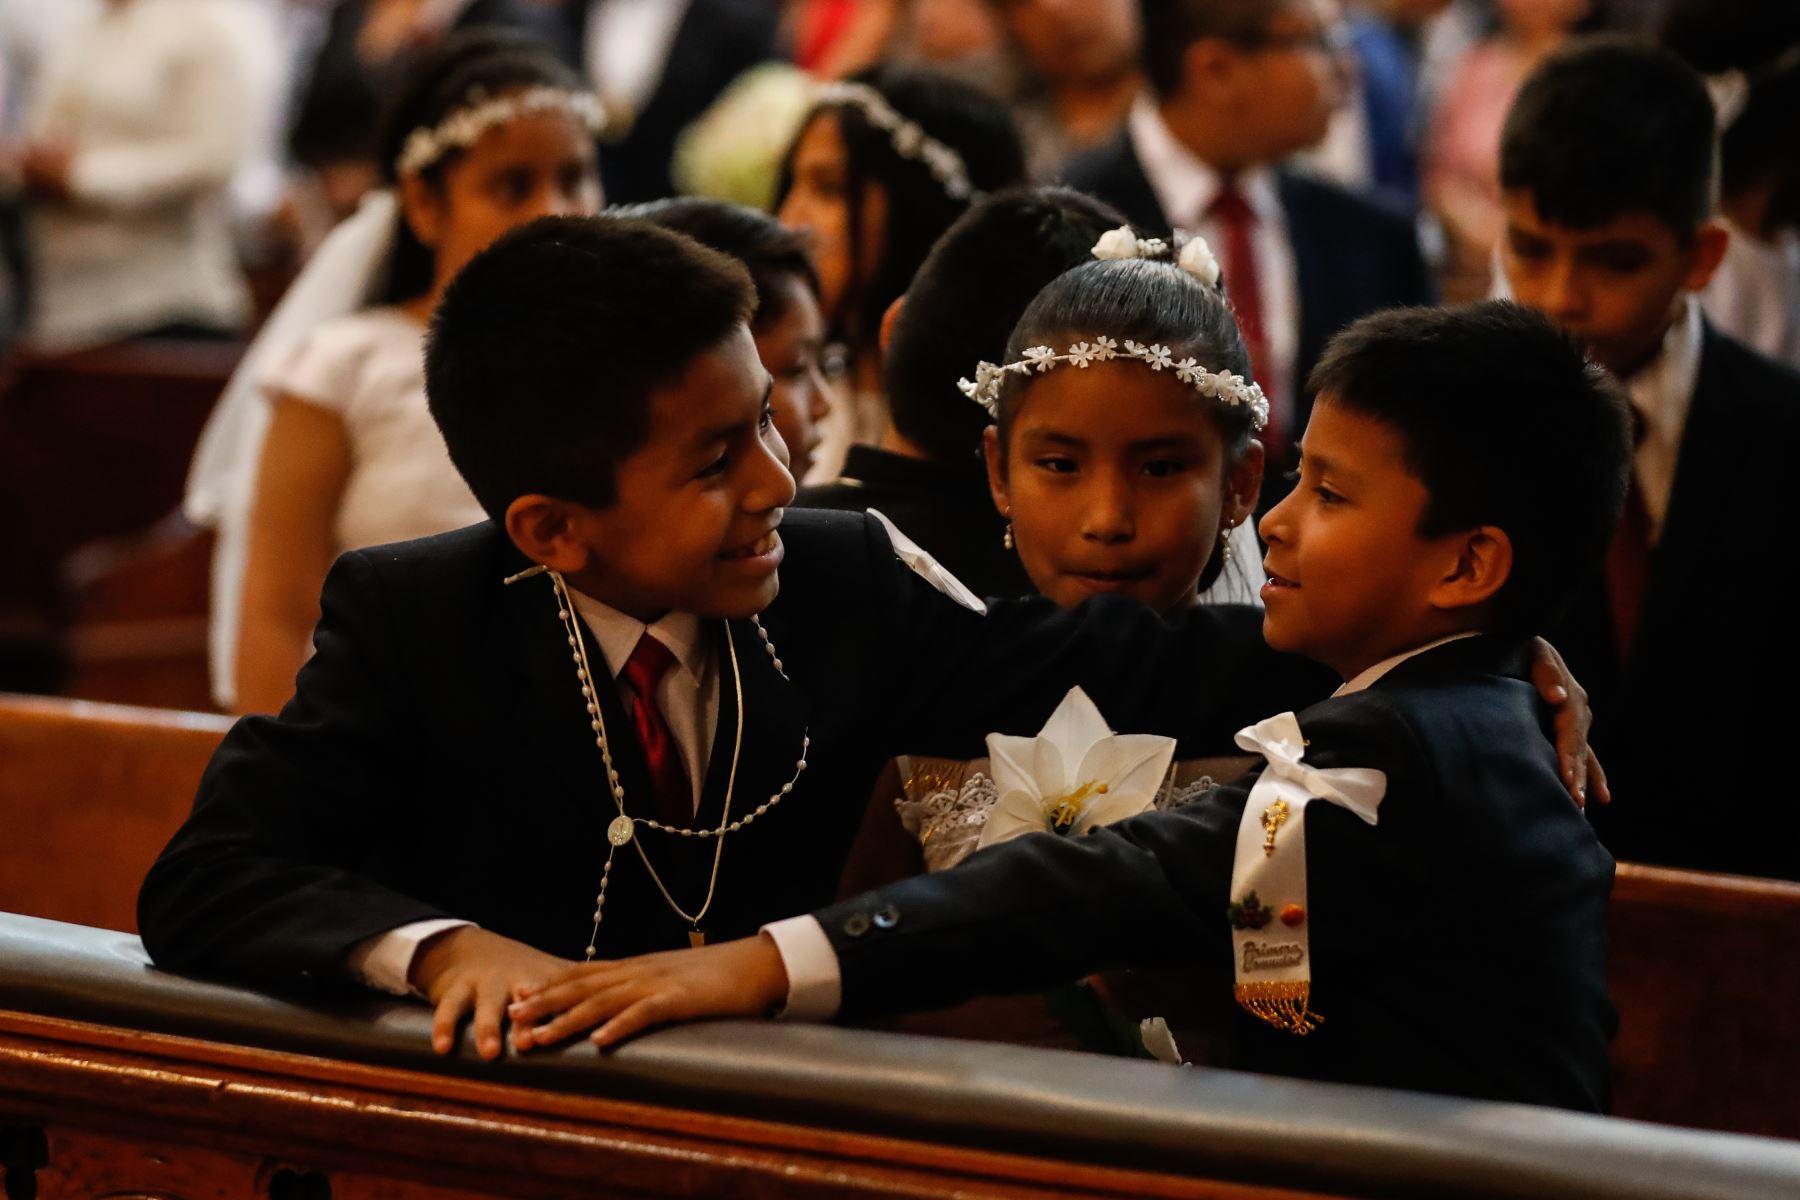 Celebración  de la Inmaculada Concepción con bautizos y primera comunión en las iglesias católicas del Perú.  Foto: ANDINA/Renato Pajuelo